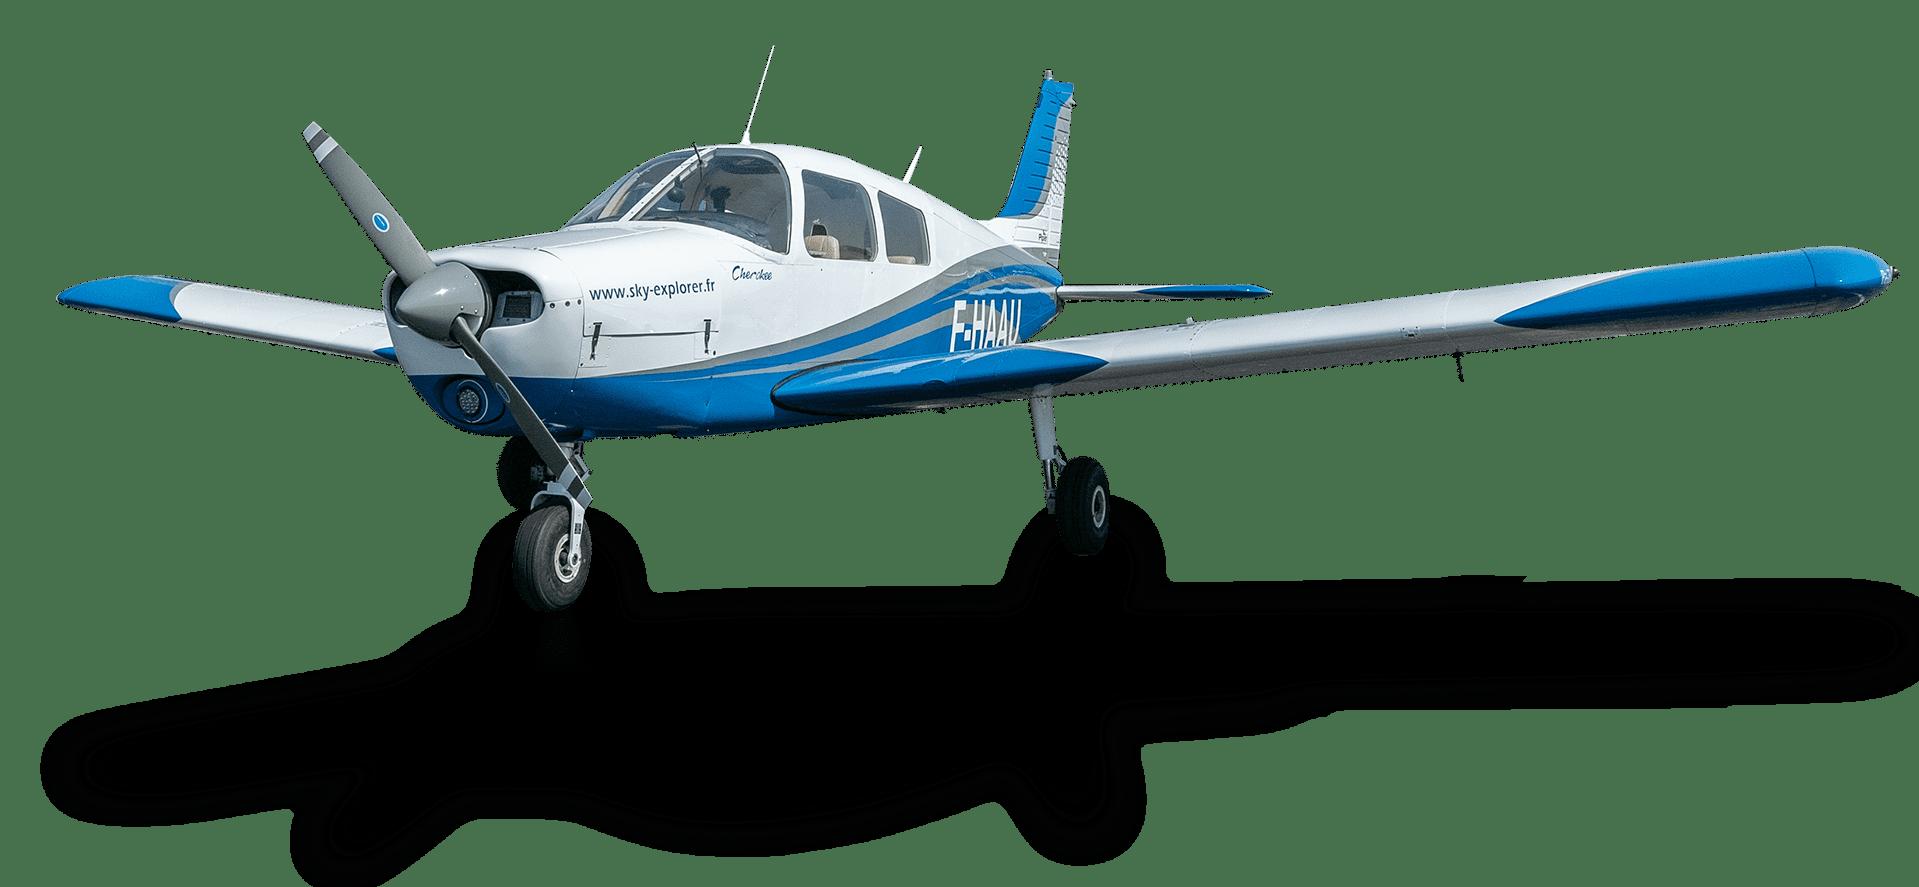 Piper Pa-28 Cherokee (F-HAAU) Sky Explorer Ecole Aviation Aix Les Milles